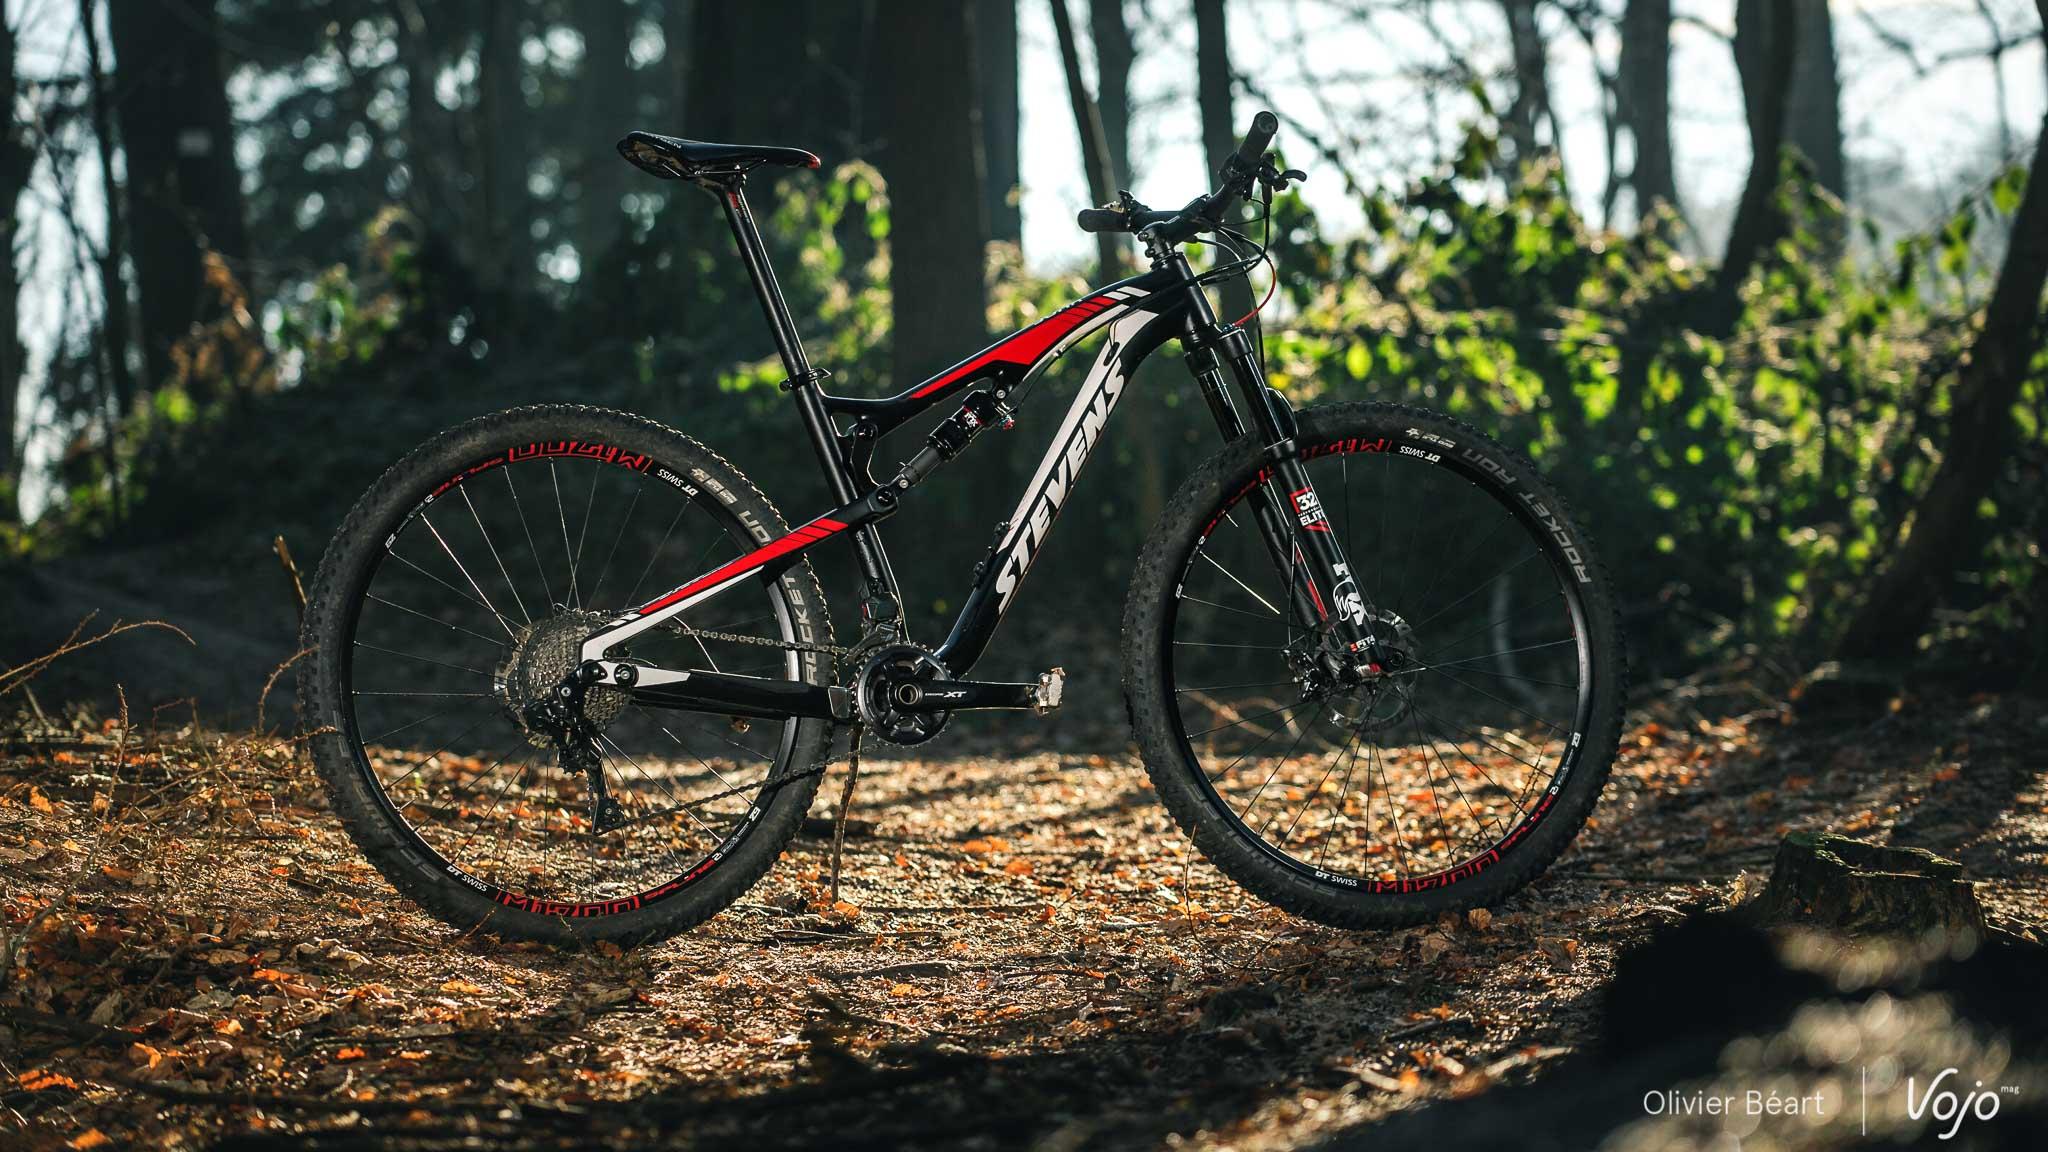 Le Stevens Jura Carbon ES Di2, équipé du groupe Shimano XT DI2 électronique, tel que testé par Vojomag.com